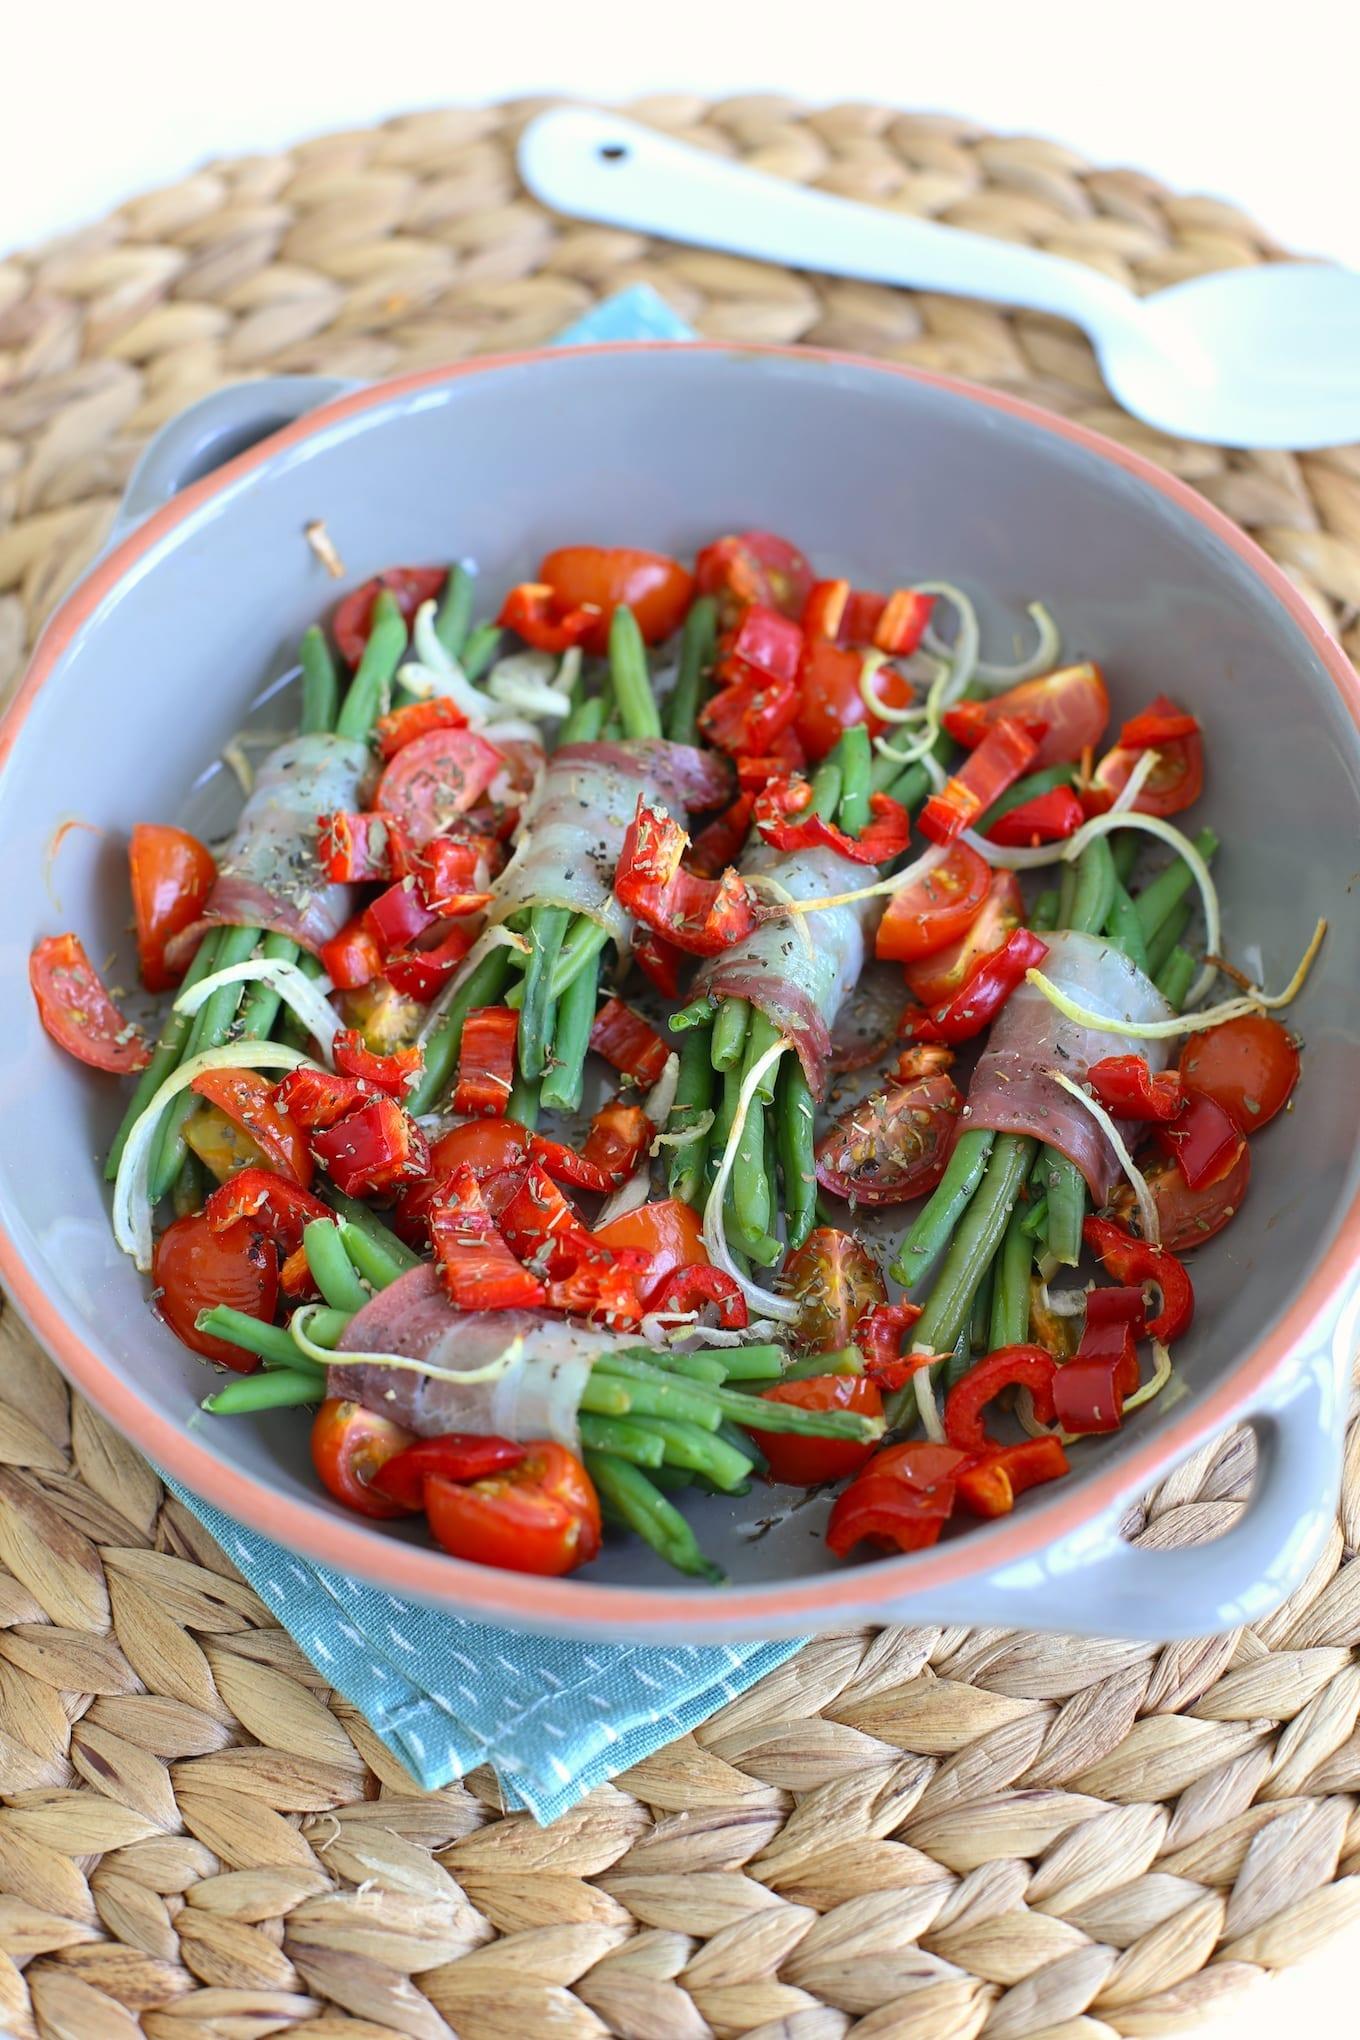 Haricots verts met tomaatjes uit de oven